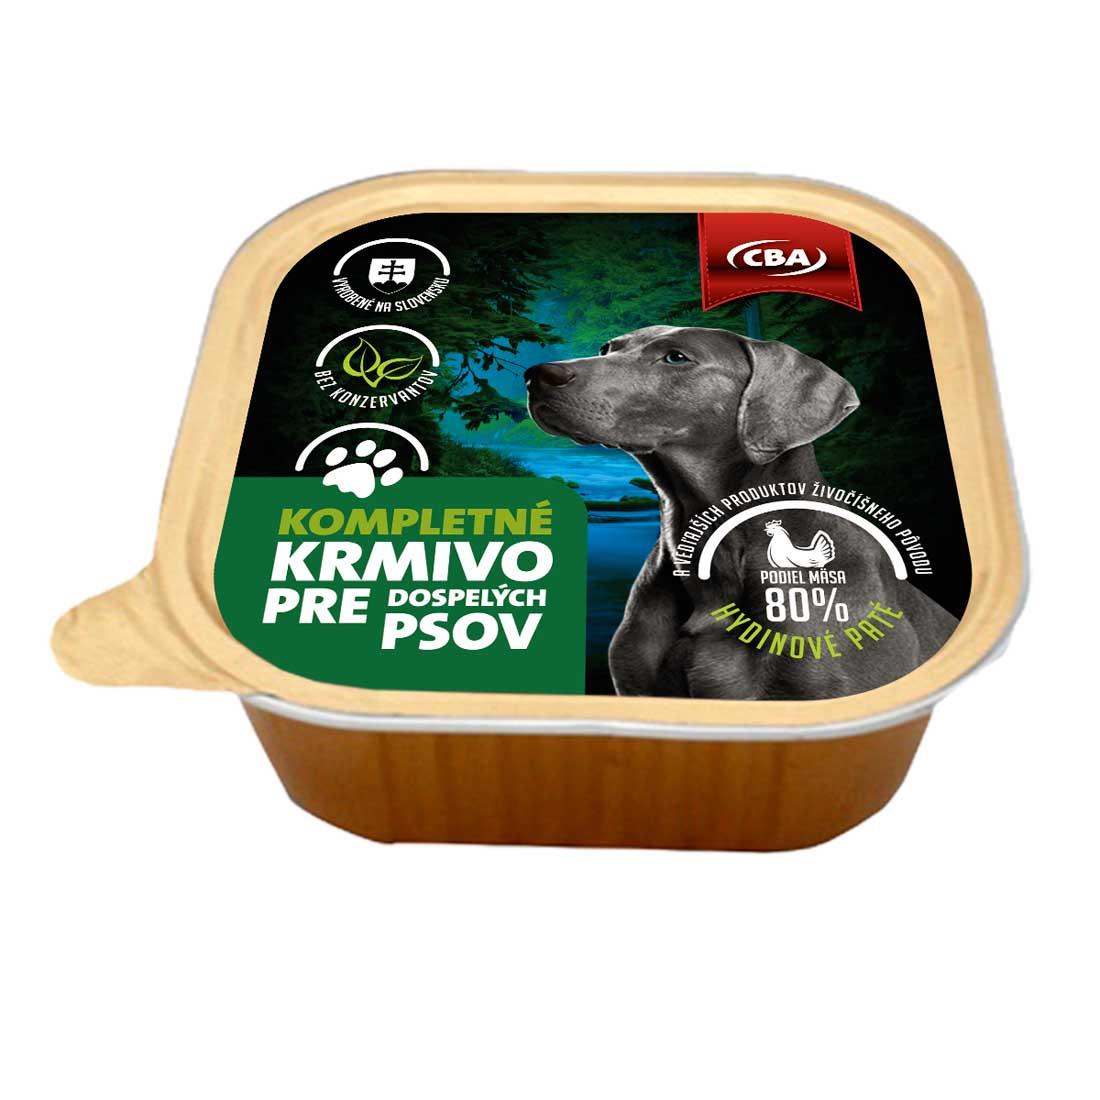 CBA kompletné krmivo pre dospelých psov 300g